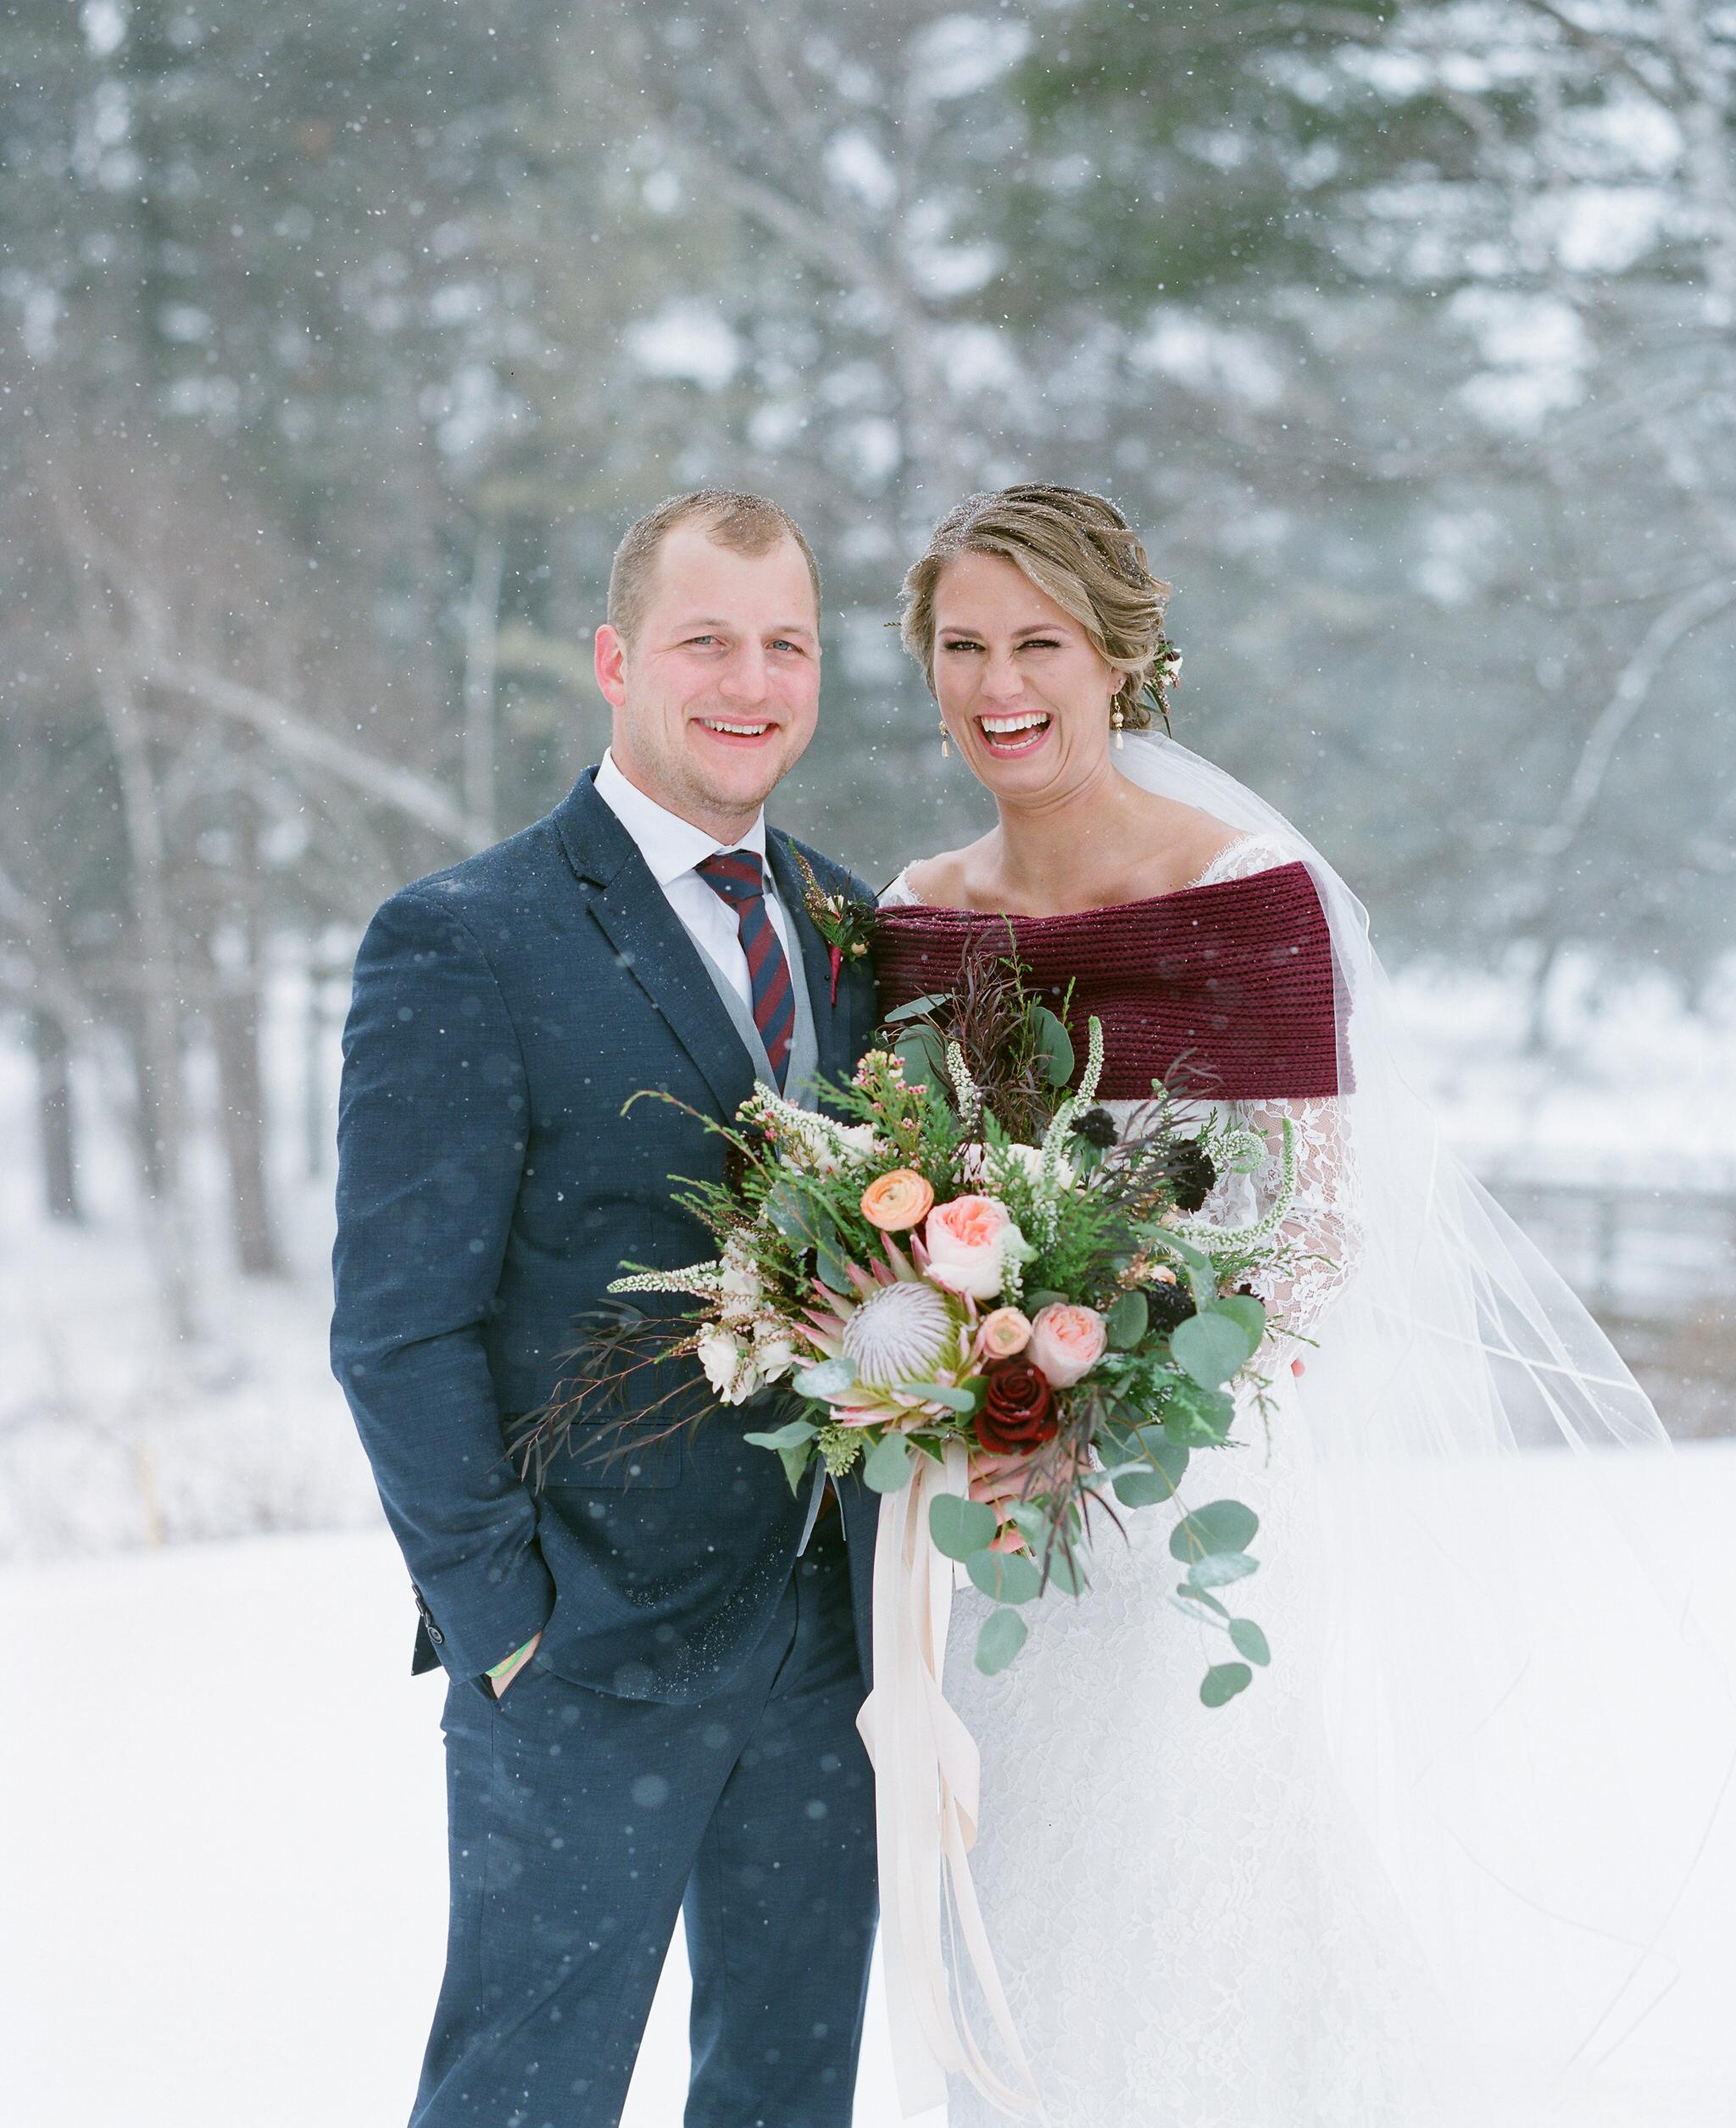 224-rothschild-pavilion-winter-wedding.jpg